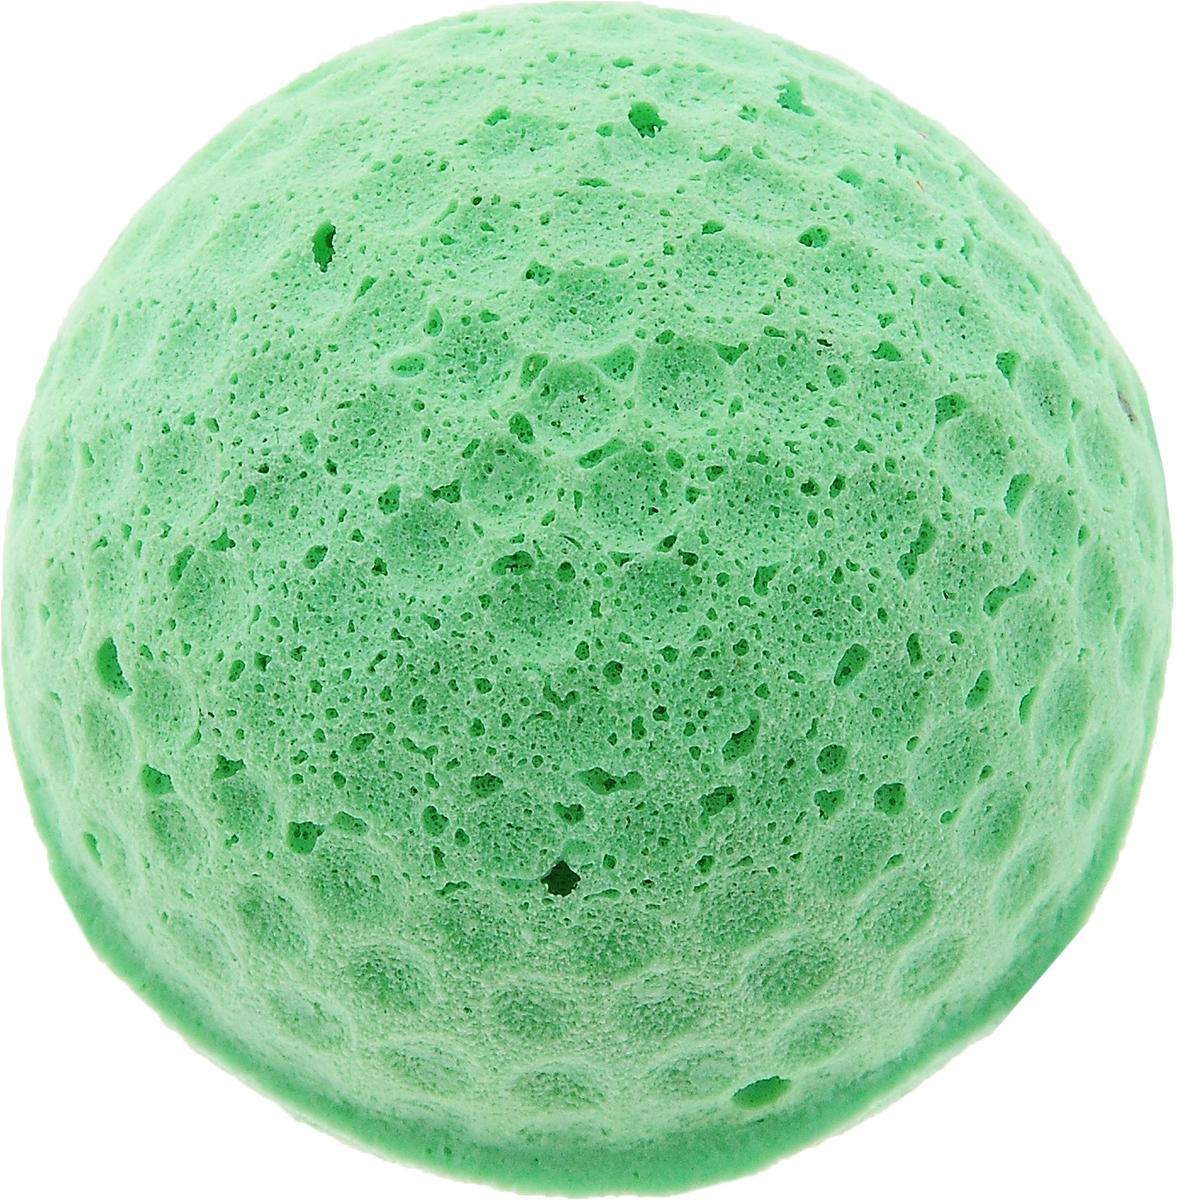 Игрушка для животных Каскад Мячик зефирный. Гольф, цвет: зеленый, диаметр 4 см27799306_зеленыйМягкая игрушка для животных Каскад Мячик зефирный. Гольф изготовлена из вспененного полимера. Такая игрушка порадует вашего любимца, а вам доставит массу приятных эмоций, ведь наблюдать за игрой всегда интересно и приятно. Диаметр игрушки: 4 см.